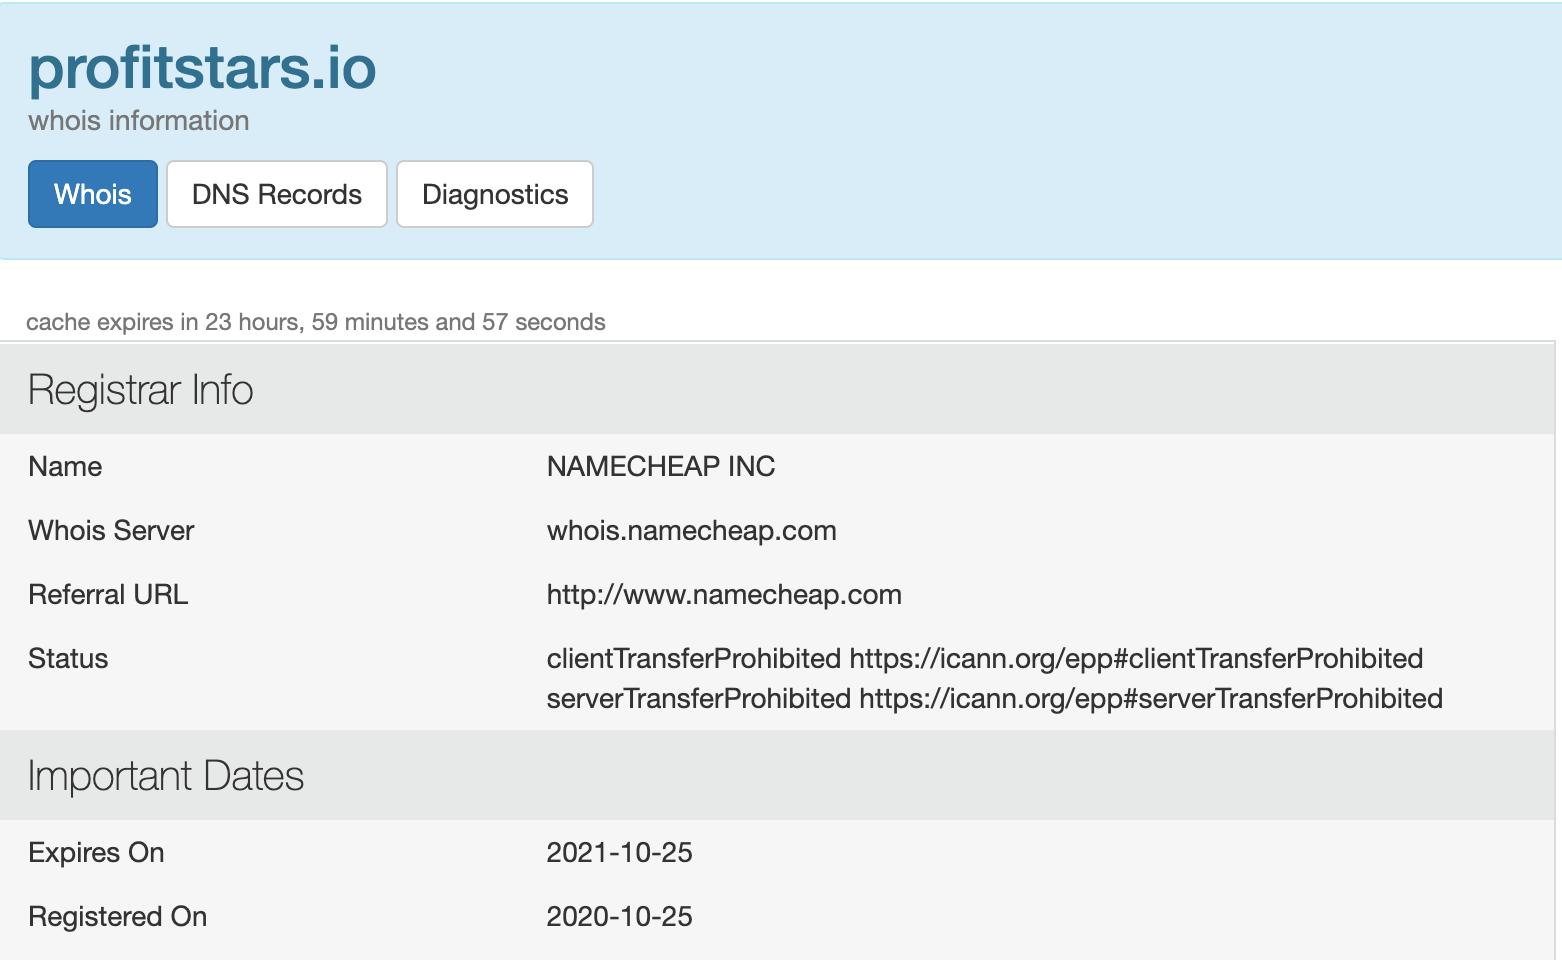 ProfitStars.io domain